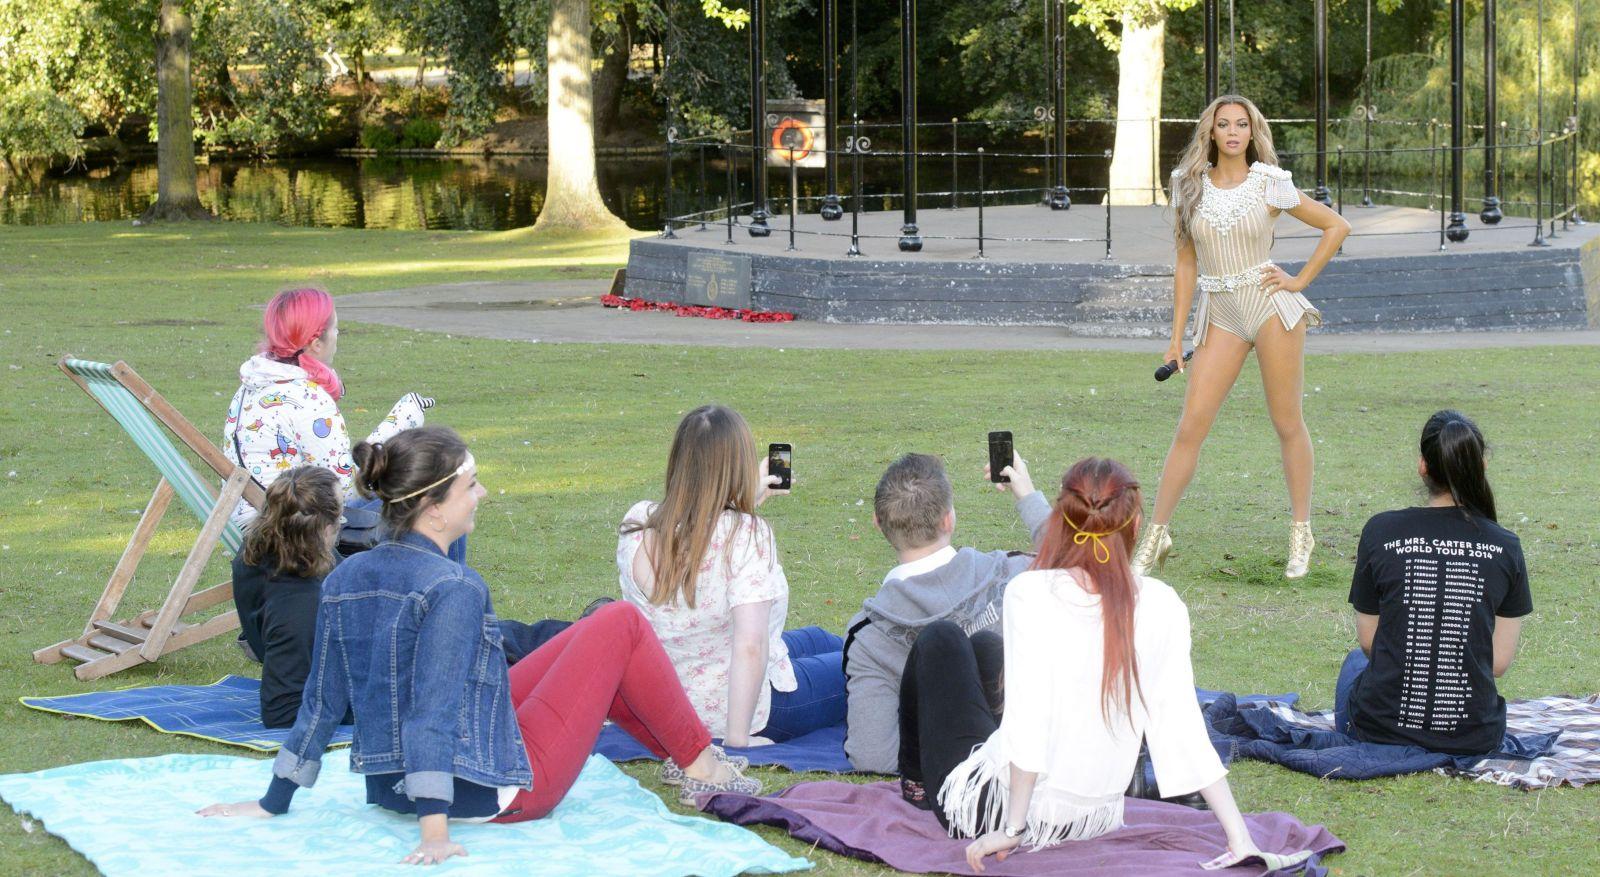 В Лондоне презентовали роскошную восковую фигуру Бейонсе